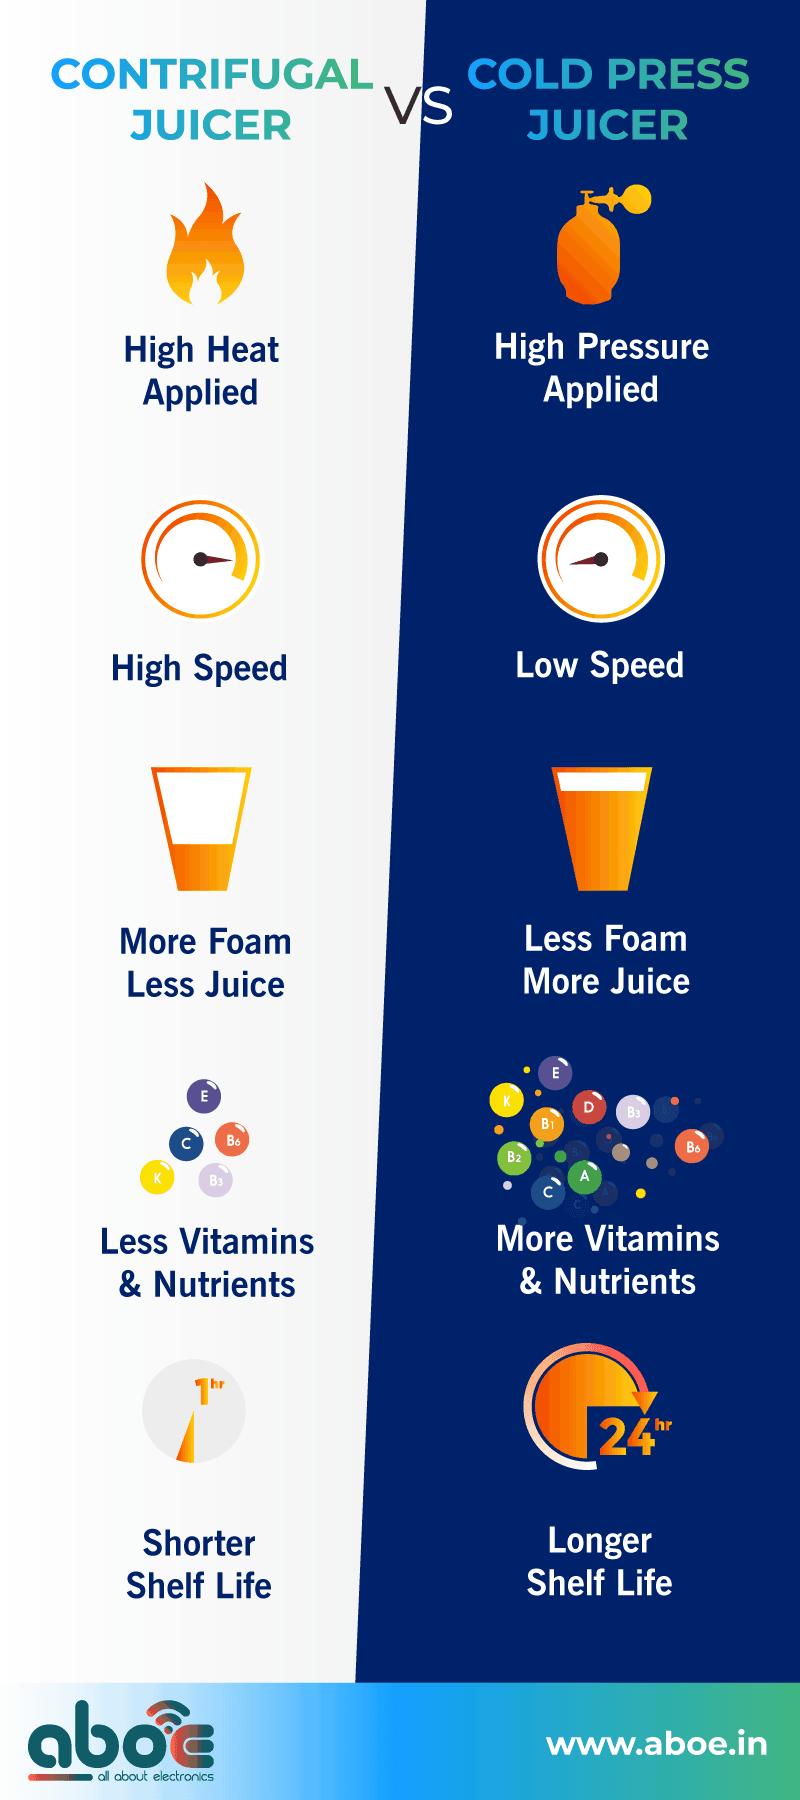 centrifugal-vs-cold-press-juicer-quick-comparison